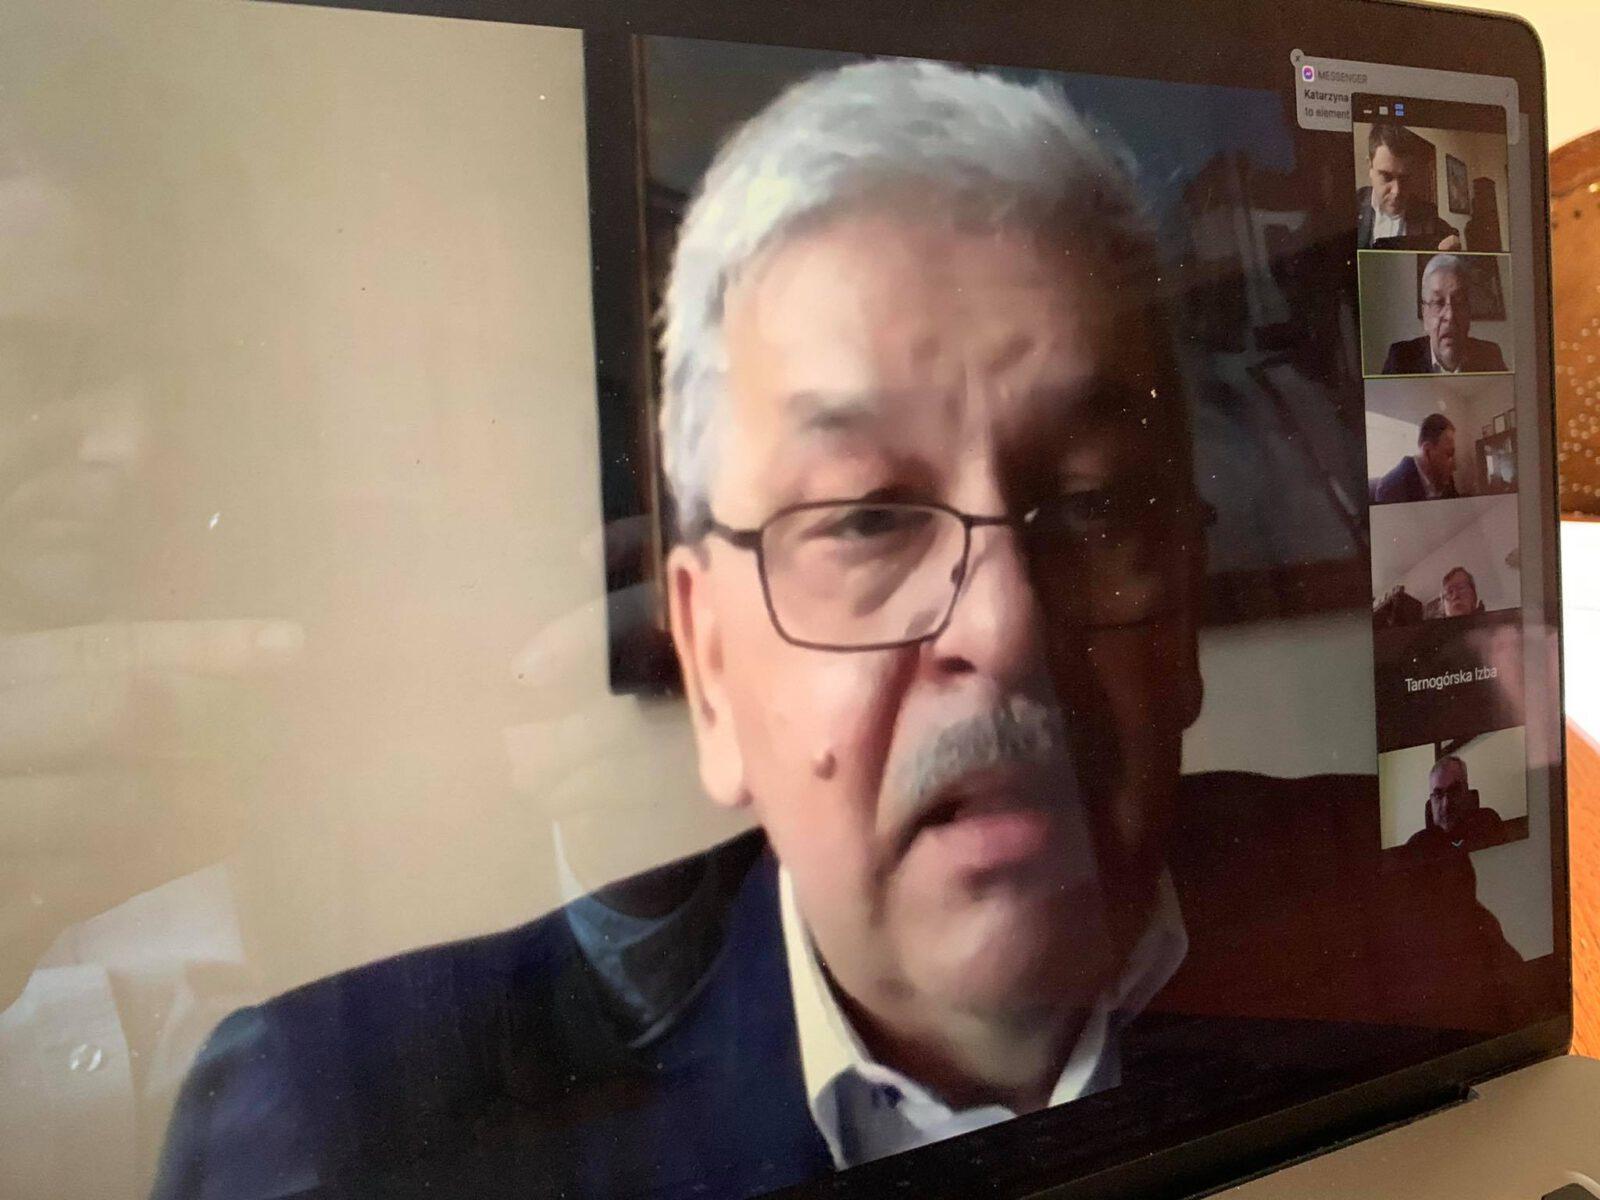 Burmistrz Piotr Skrabaczewski w czasie telekonferencji